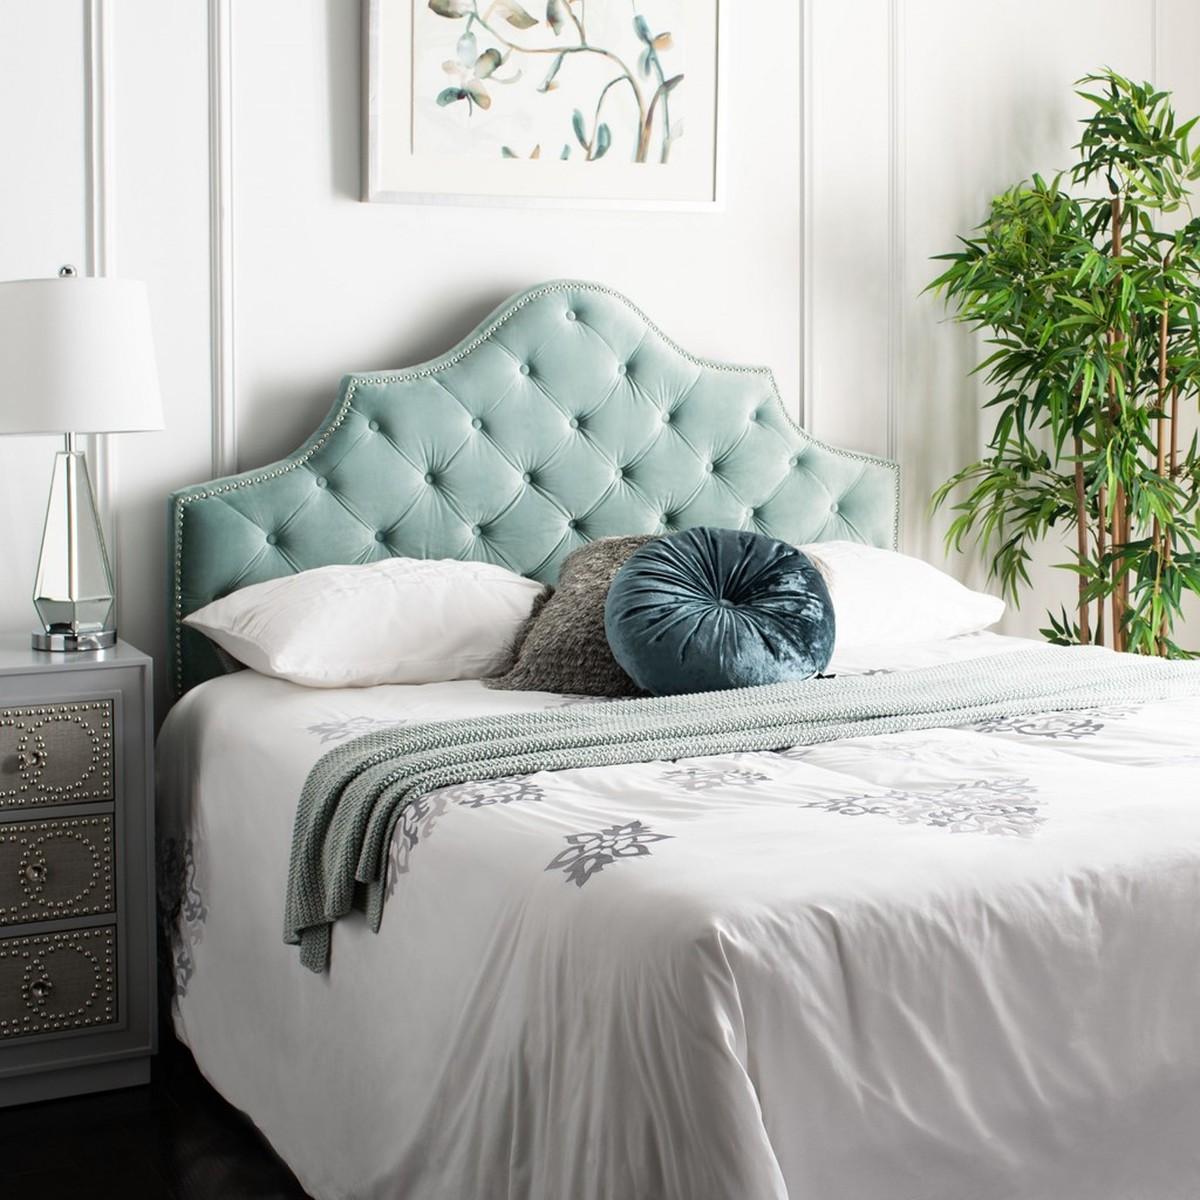 MCR4036L-Q Bedroom, Headboards - Furniture by Safavieh